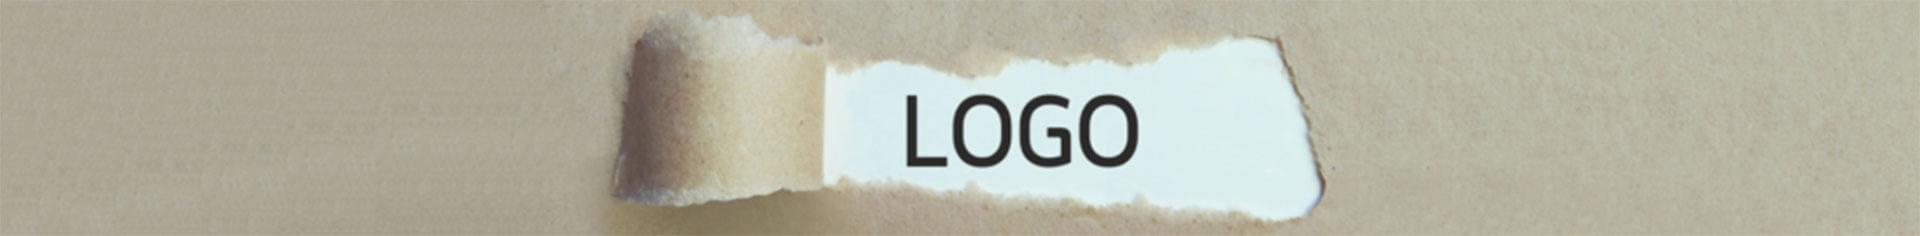 media logo pic